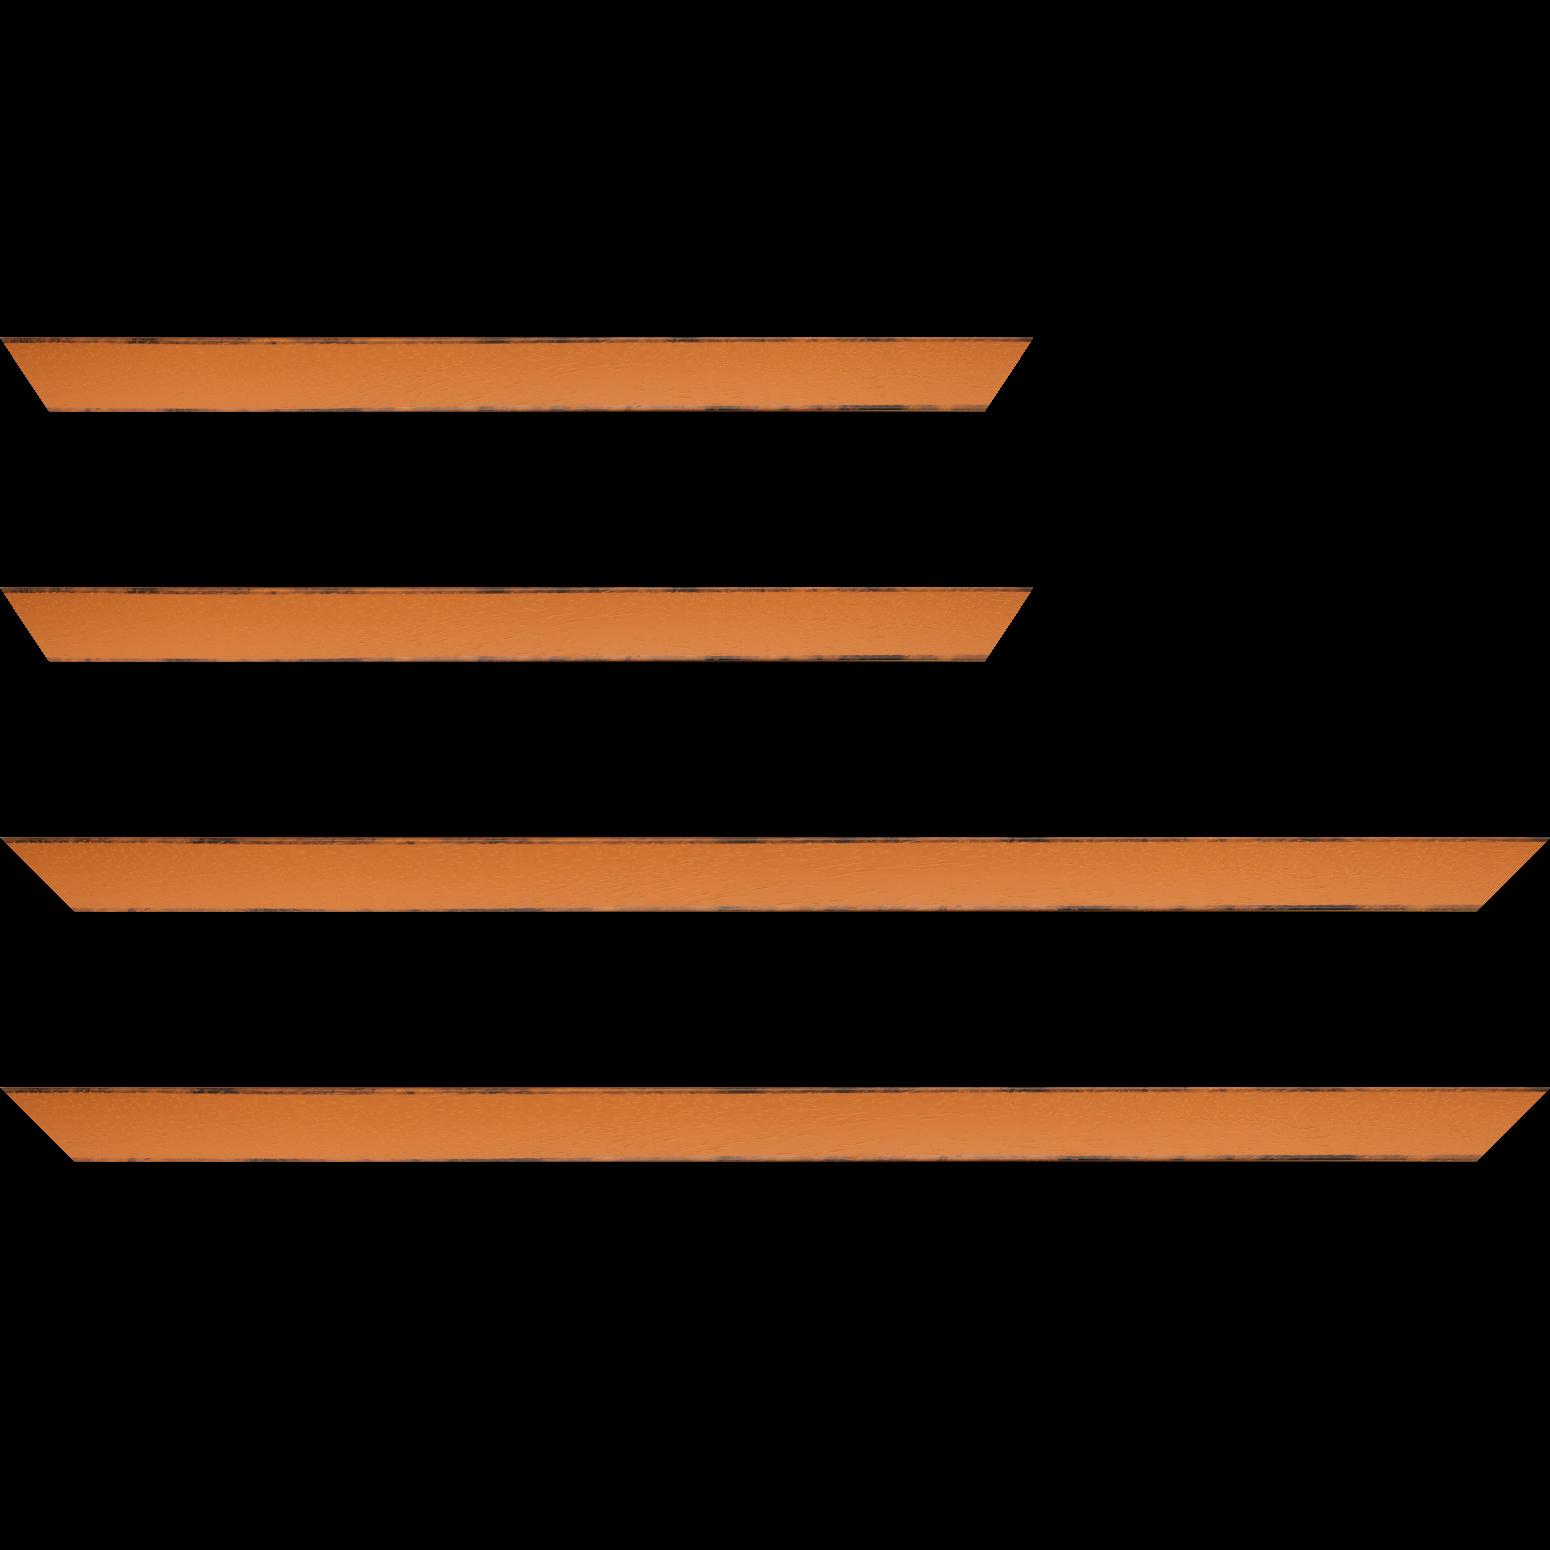 Baguette service précoupé Bois profil concave largeur 2.4cm couleur orange tonique satiné arêtes essuyés noircies de chaque coté